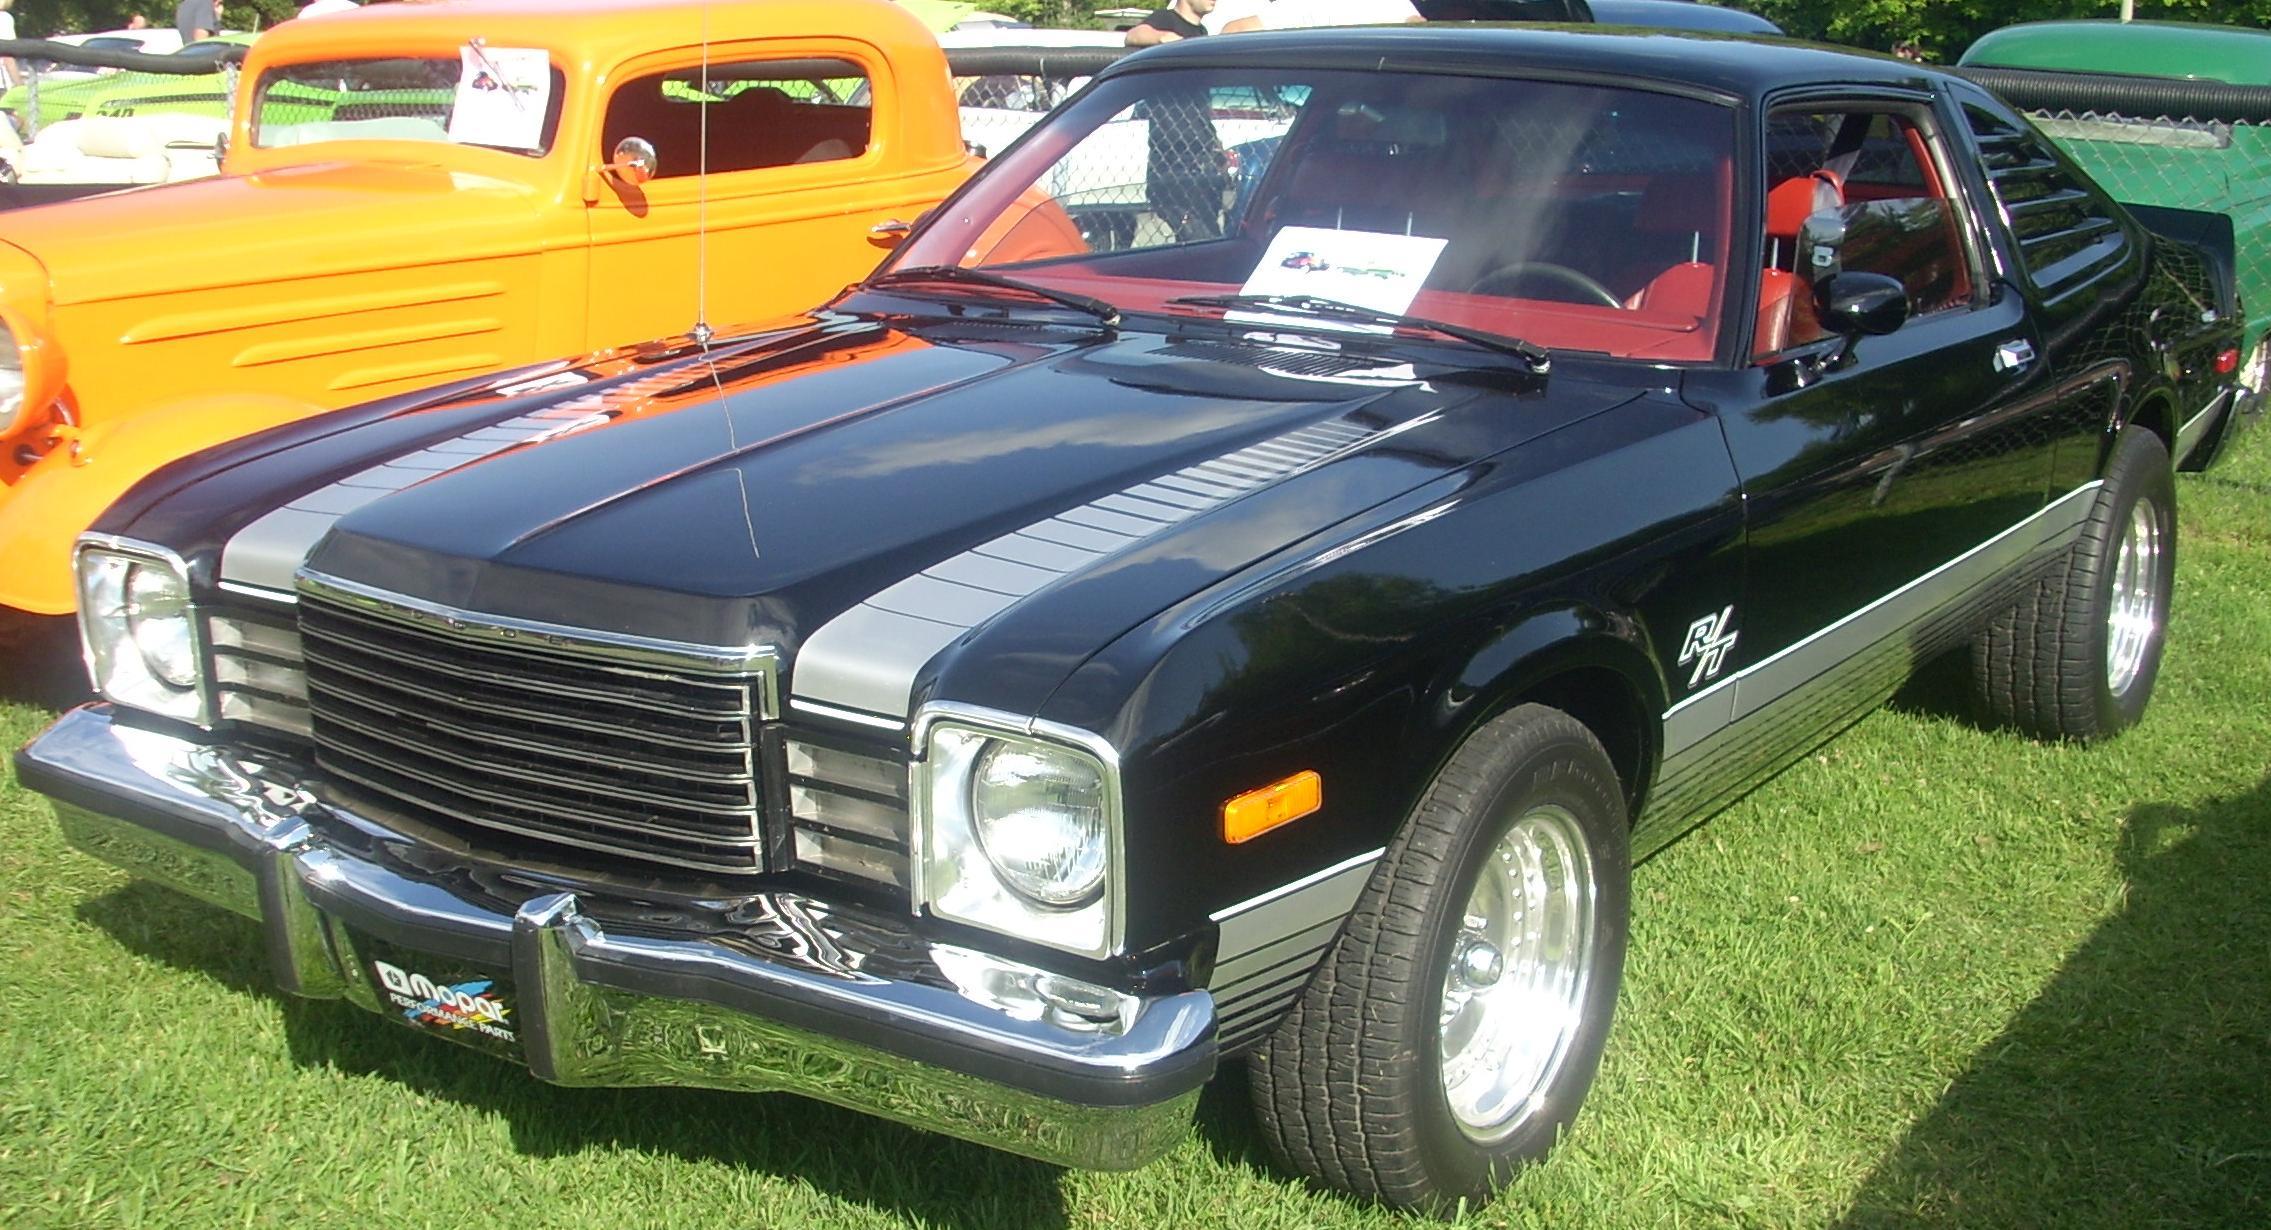 Dodge Aspen Wiring Schematic Trusted Schematics Diagram 76 Power Wagon 1977 Alternator Ram Radio